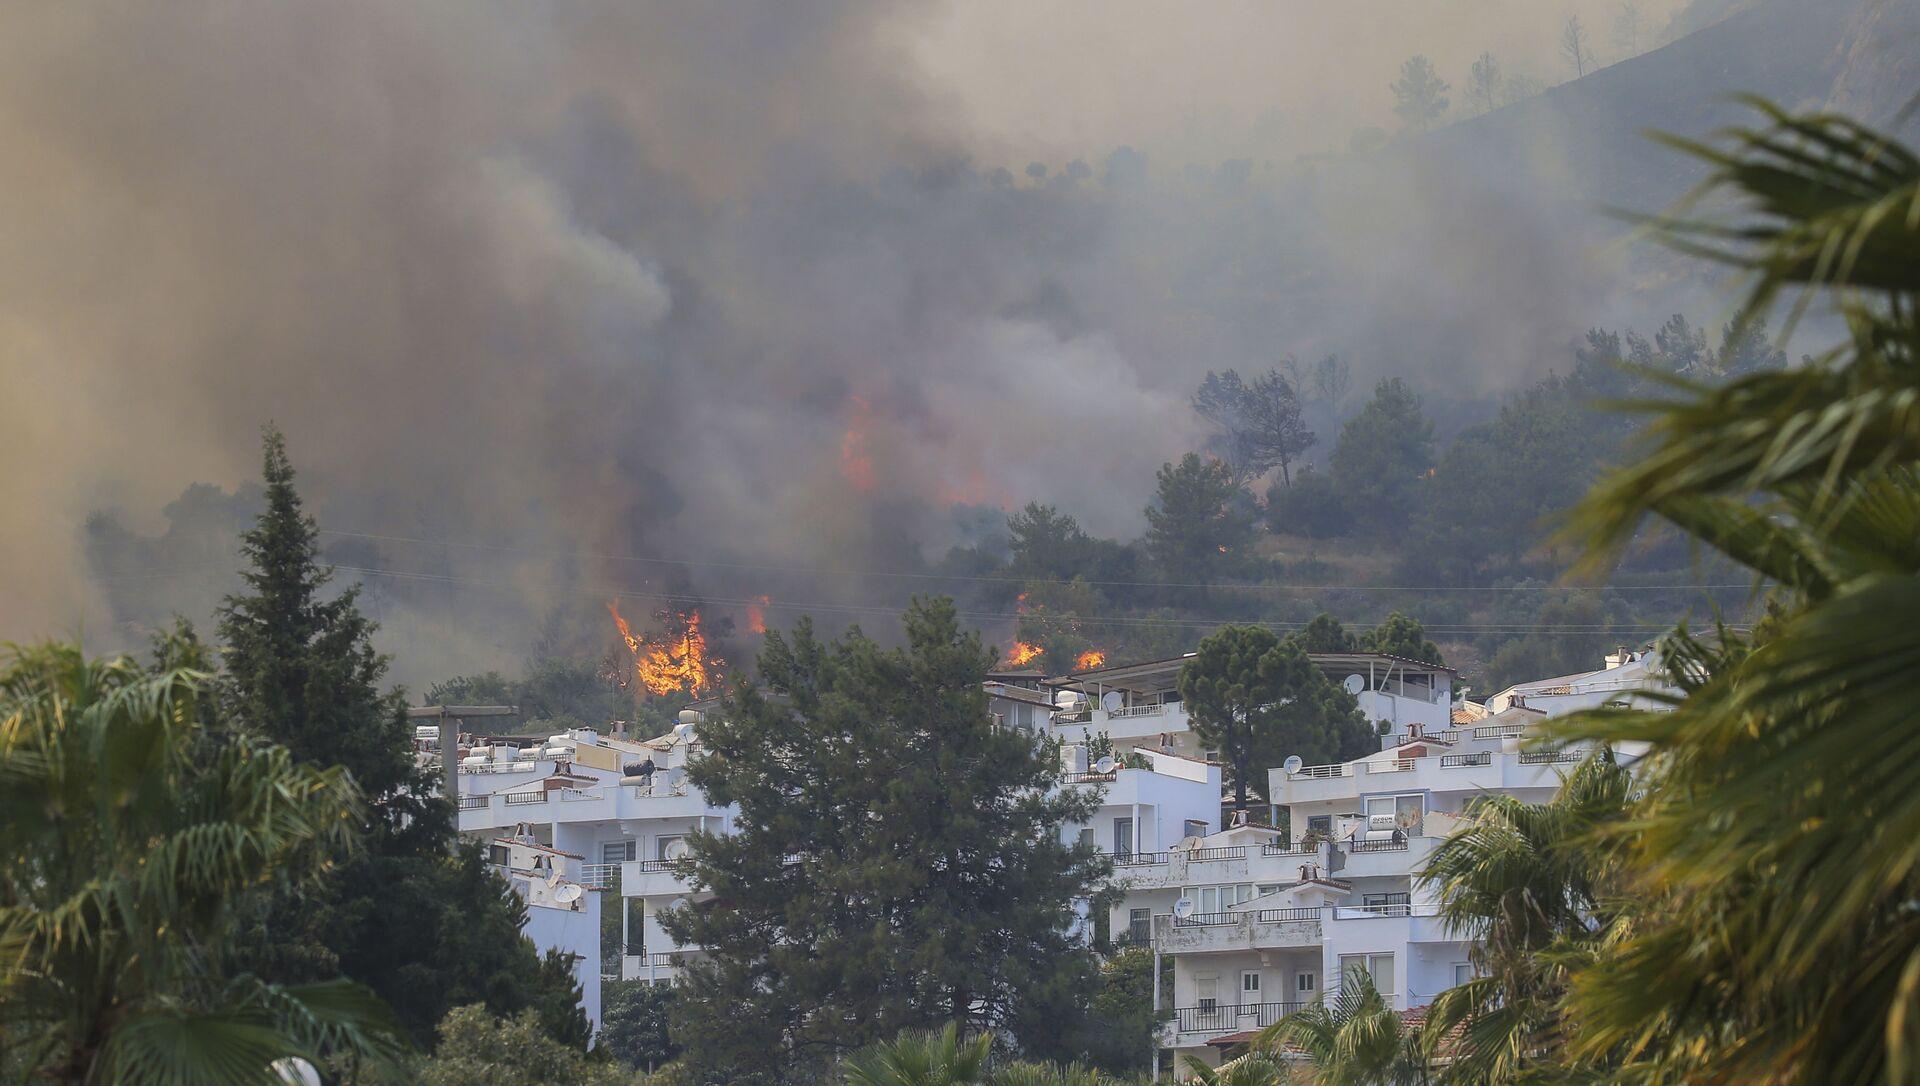 A fire engulfs the area in Oren, near Bodrum, Turkey, on Tuesday, 3 August 2021. - Sputnik International, 1920, 04.08.2021